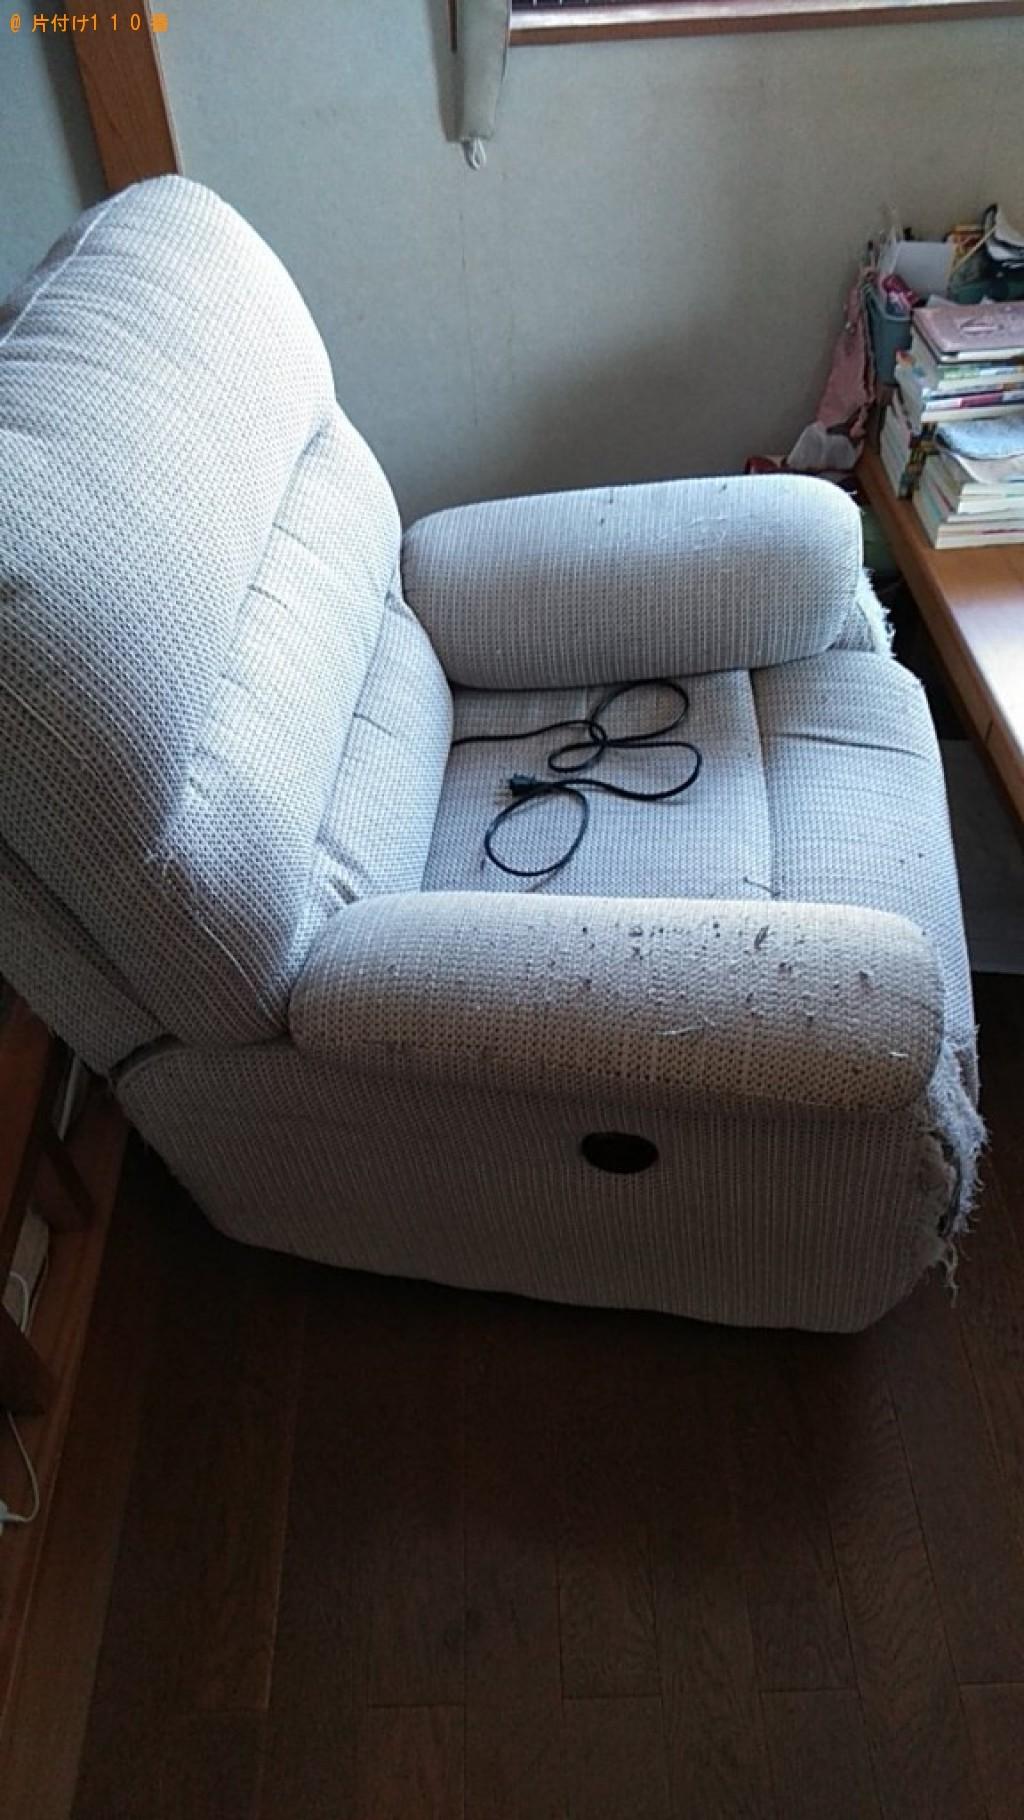 【松山市】電動ソファーの回収・処分ご依頼 お客様の声